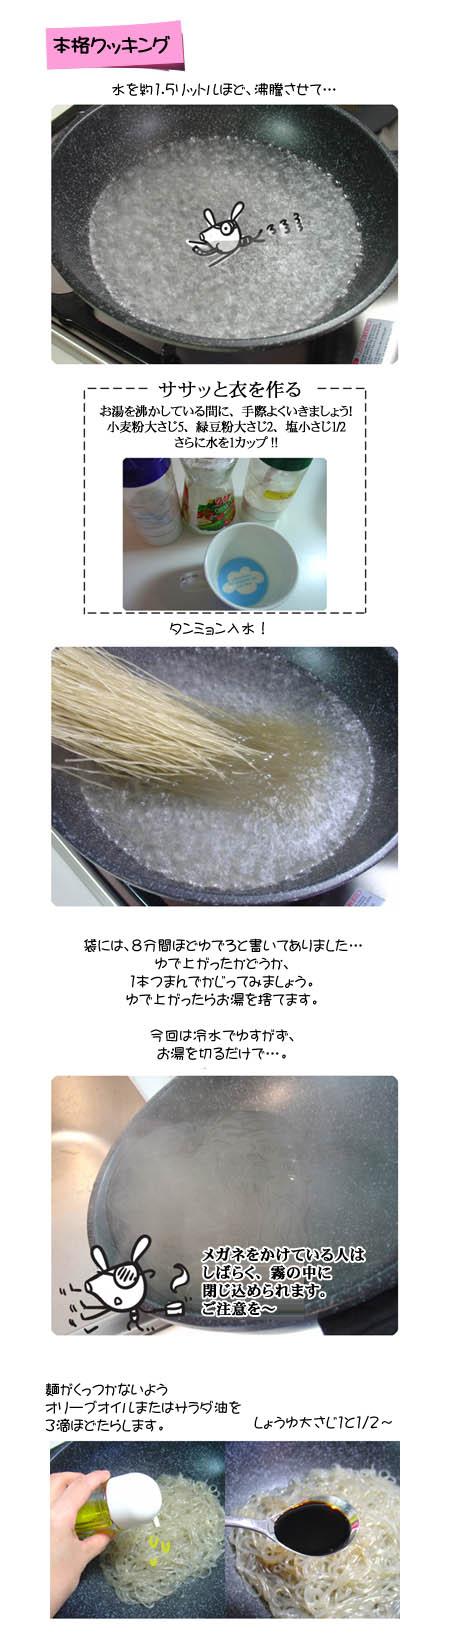 キムマリ(韓国春雨の海苔巻き天ぷら)